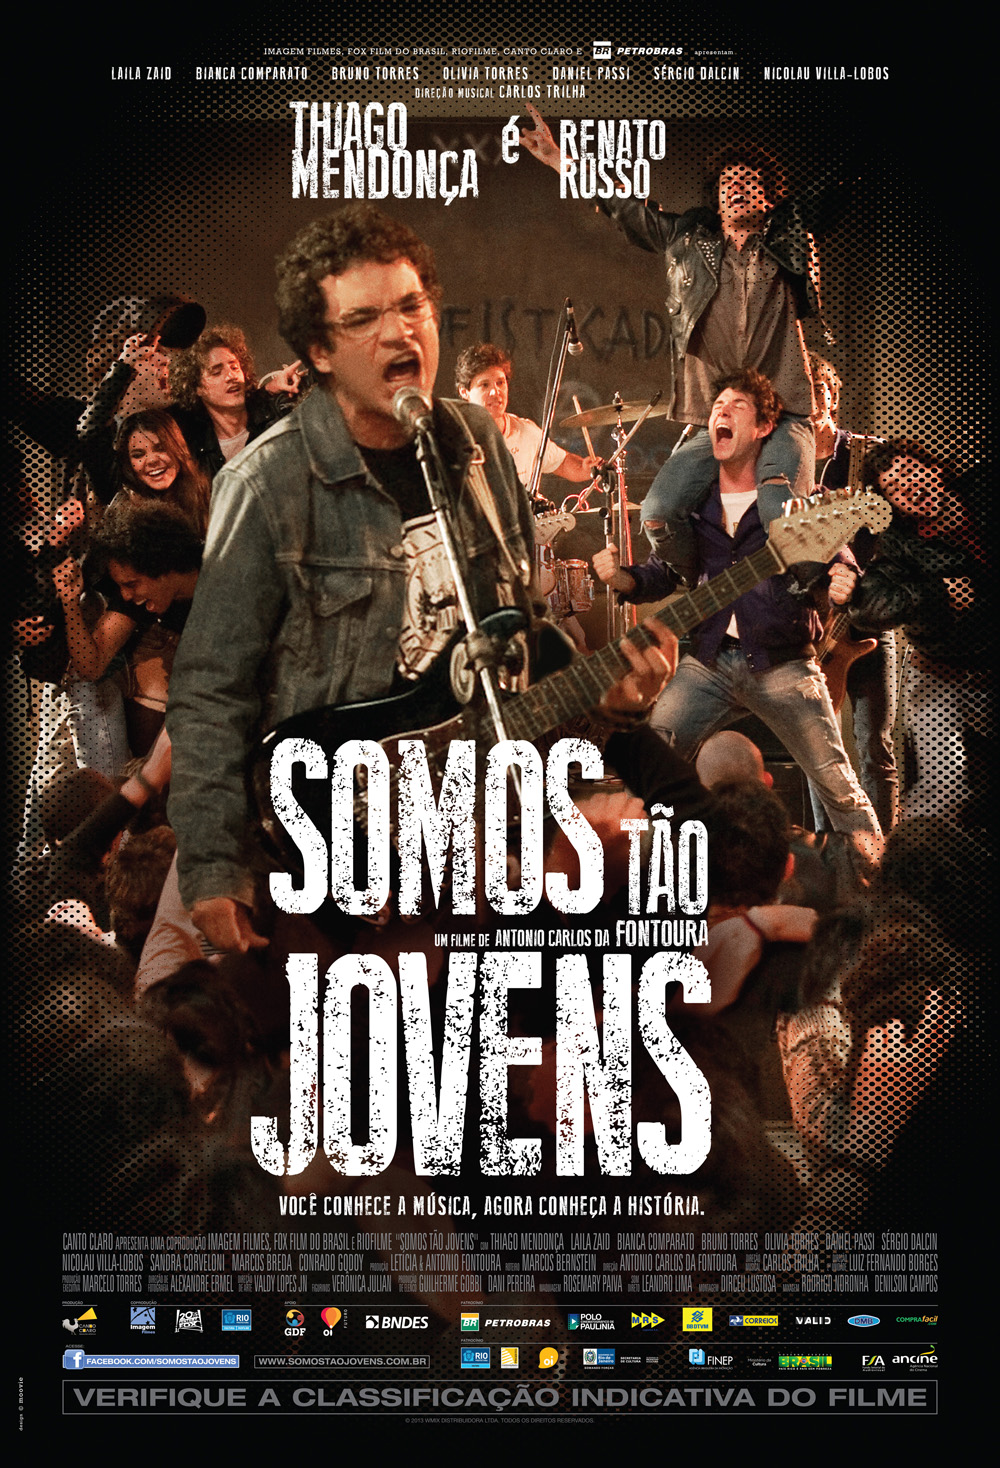 Filmes Russos for notas musicais: É divulgado novo cartaz do filme que foca a